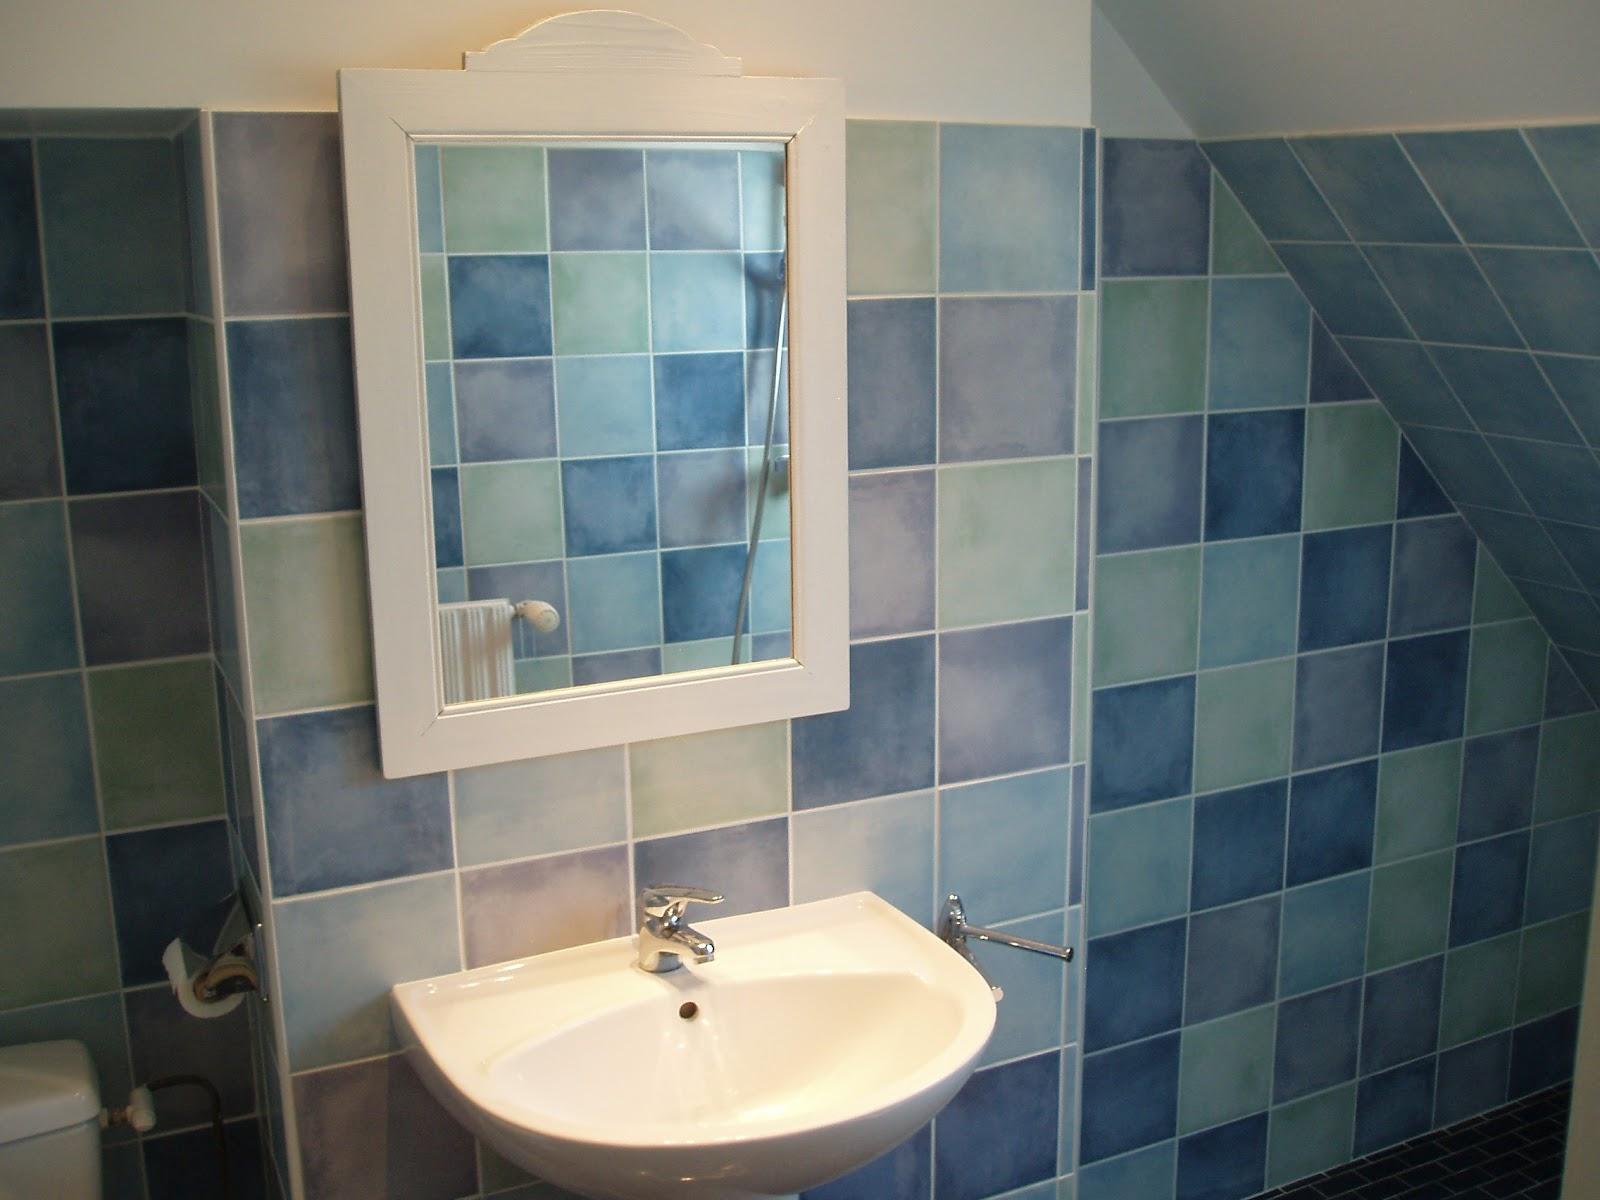 Ivan sauveur agencement int rieur r novation de salle for Interieur salle de bain